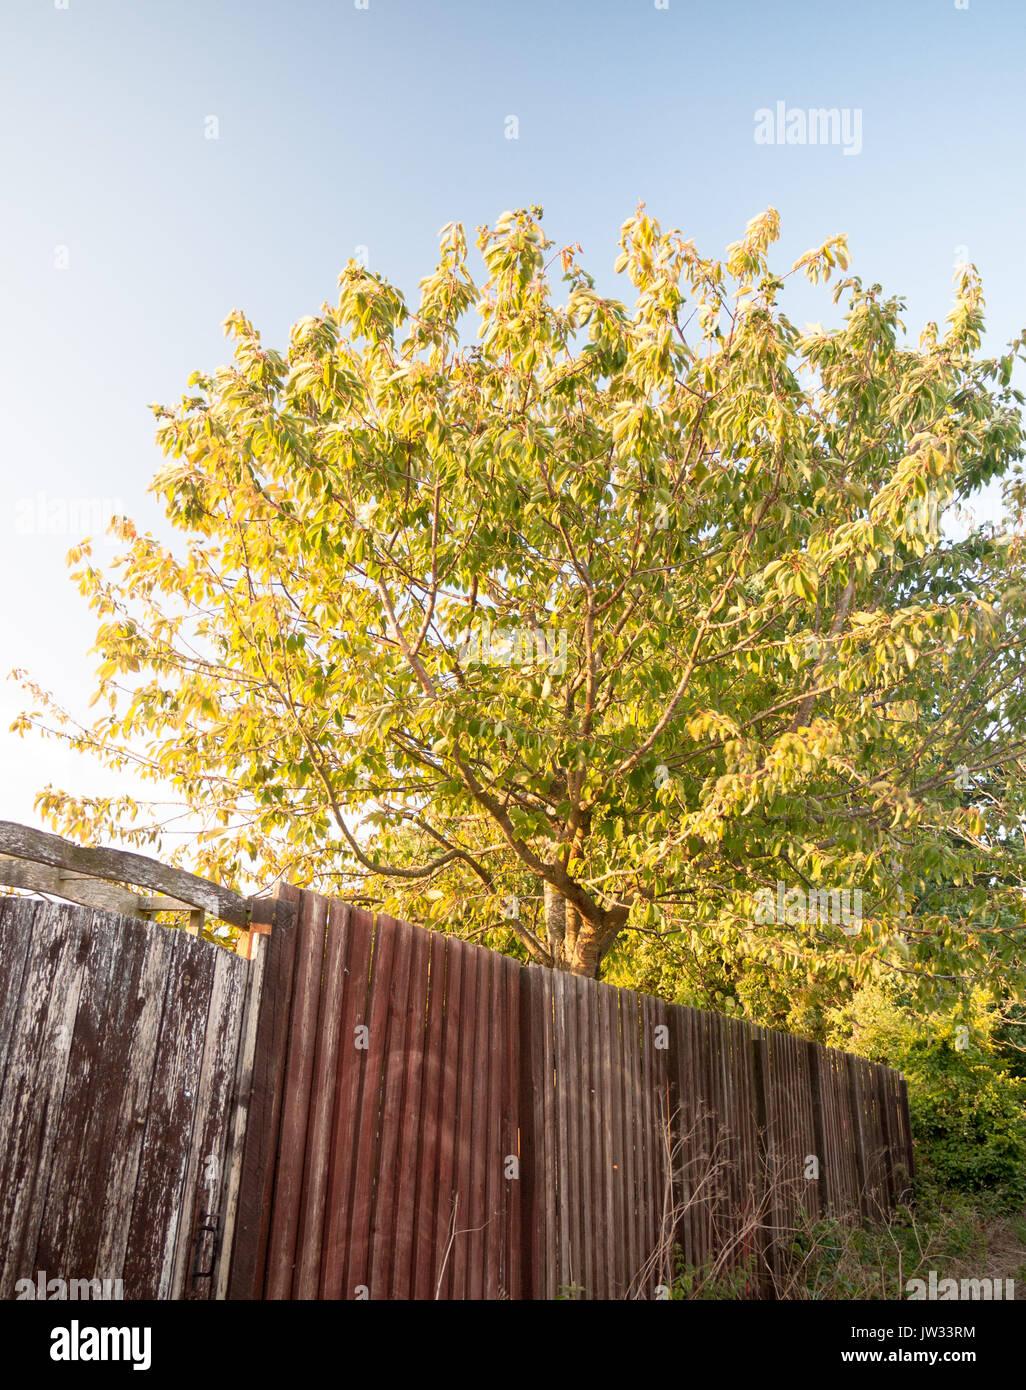 Baum Garten in der Sonne Sonnenlicht und einem Holzzaun VK